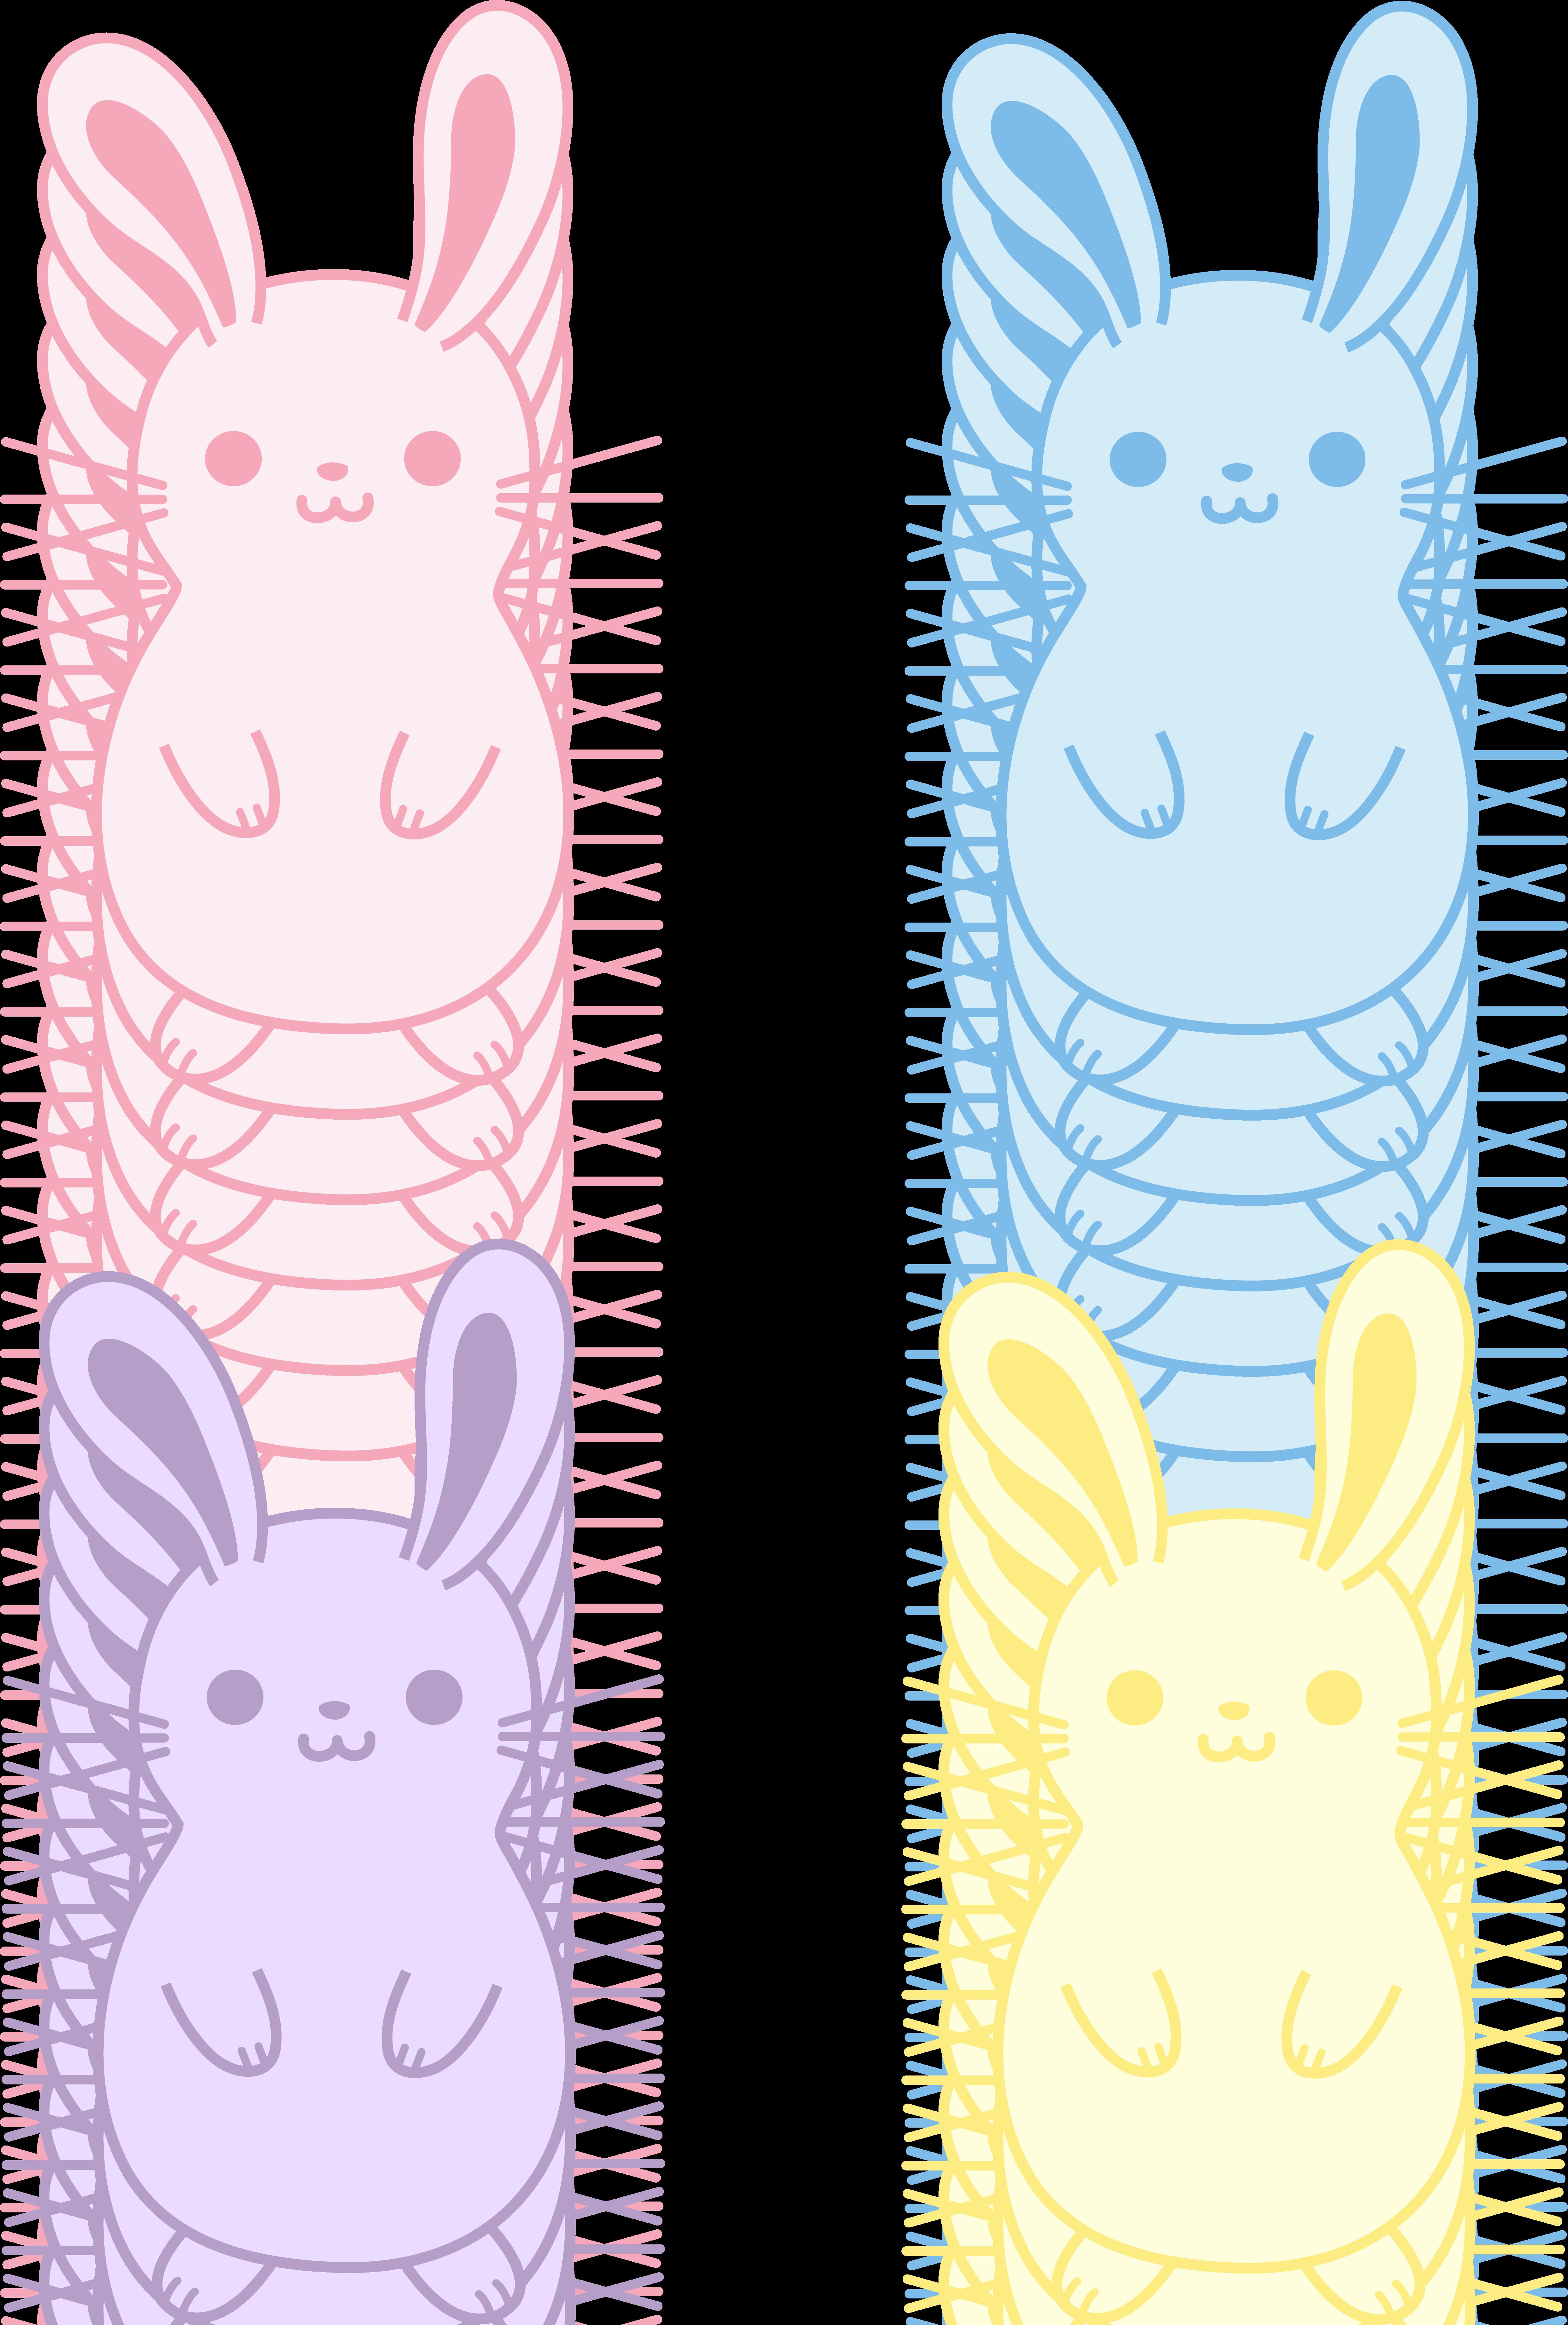 Drawn bunny chubby bunny Art Bunnies Four of Four